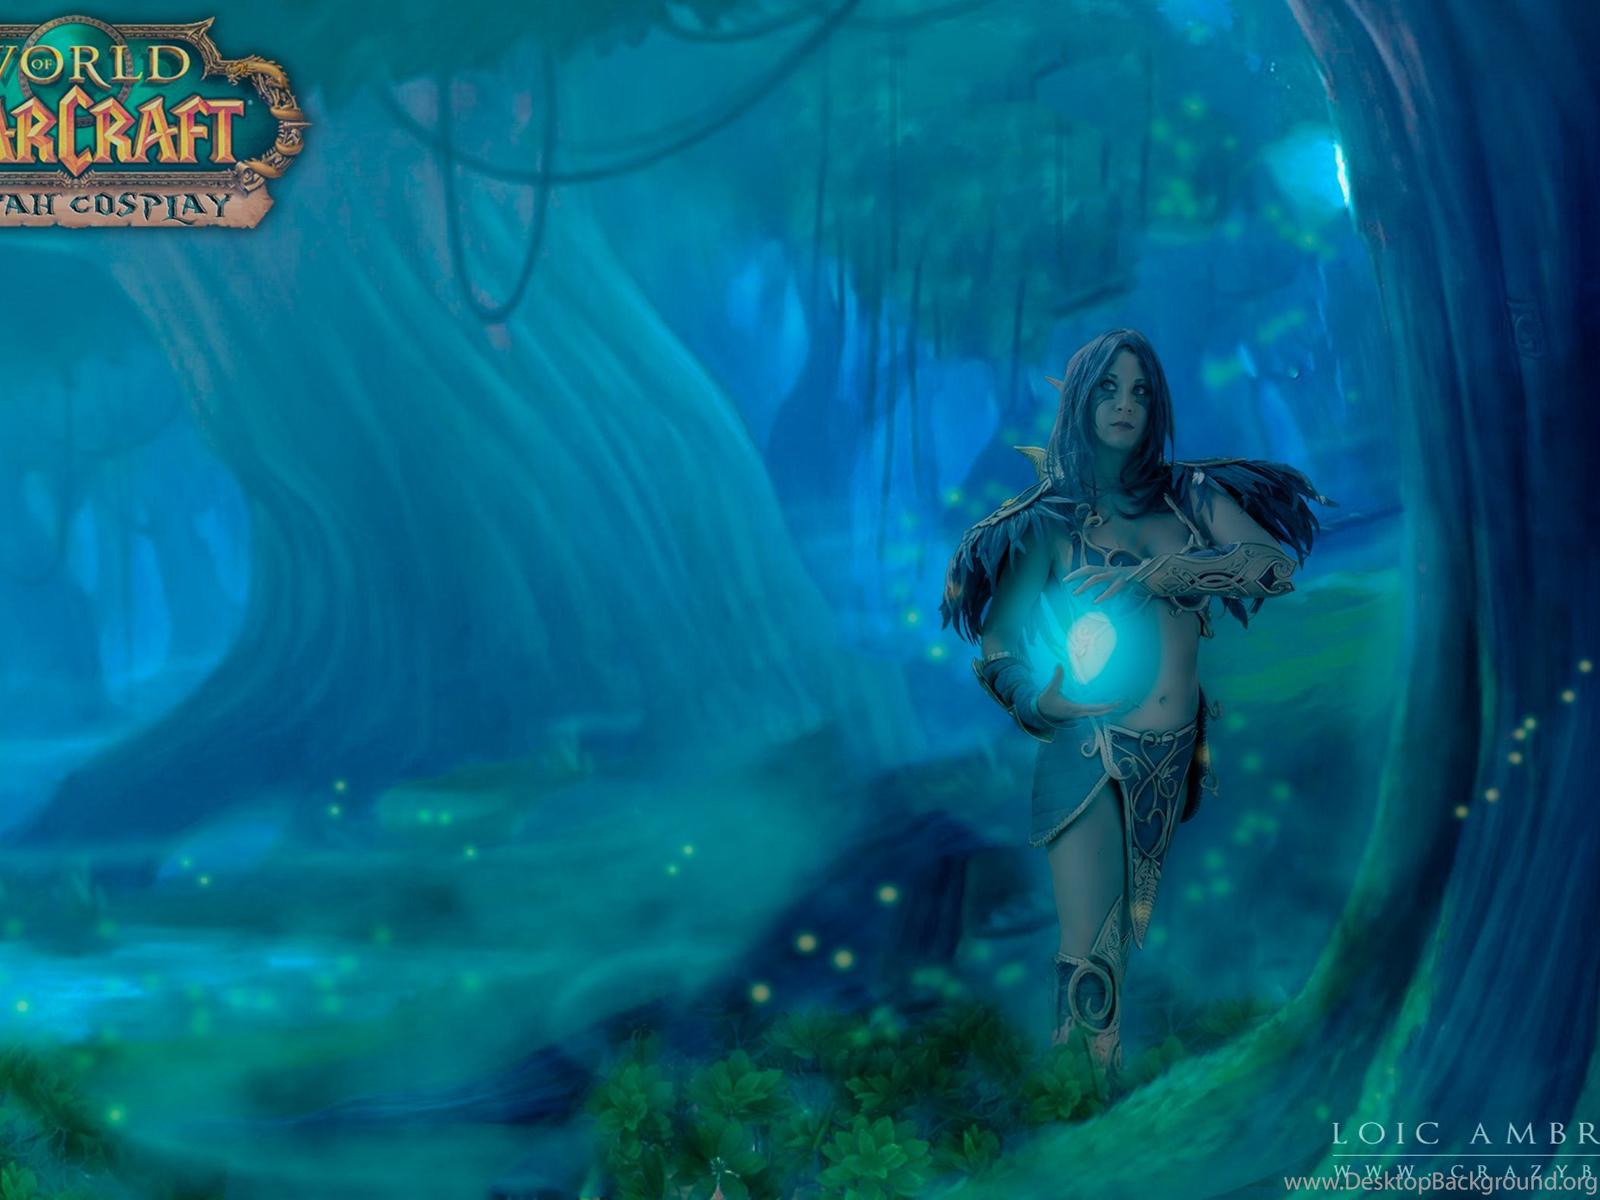 World Of Warcraft Night Elf Wallpapers Wallpapers Zone Desktop